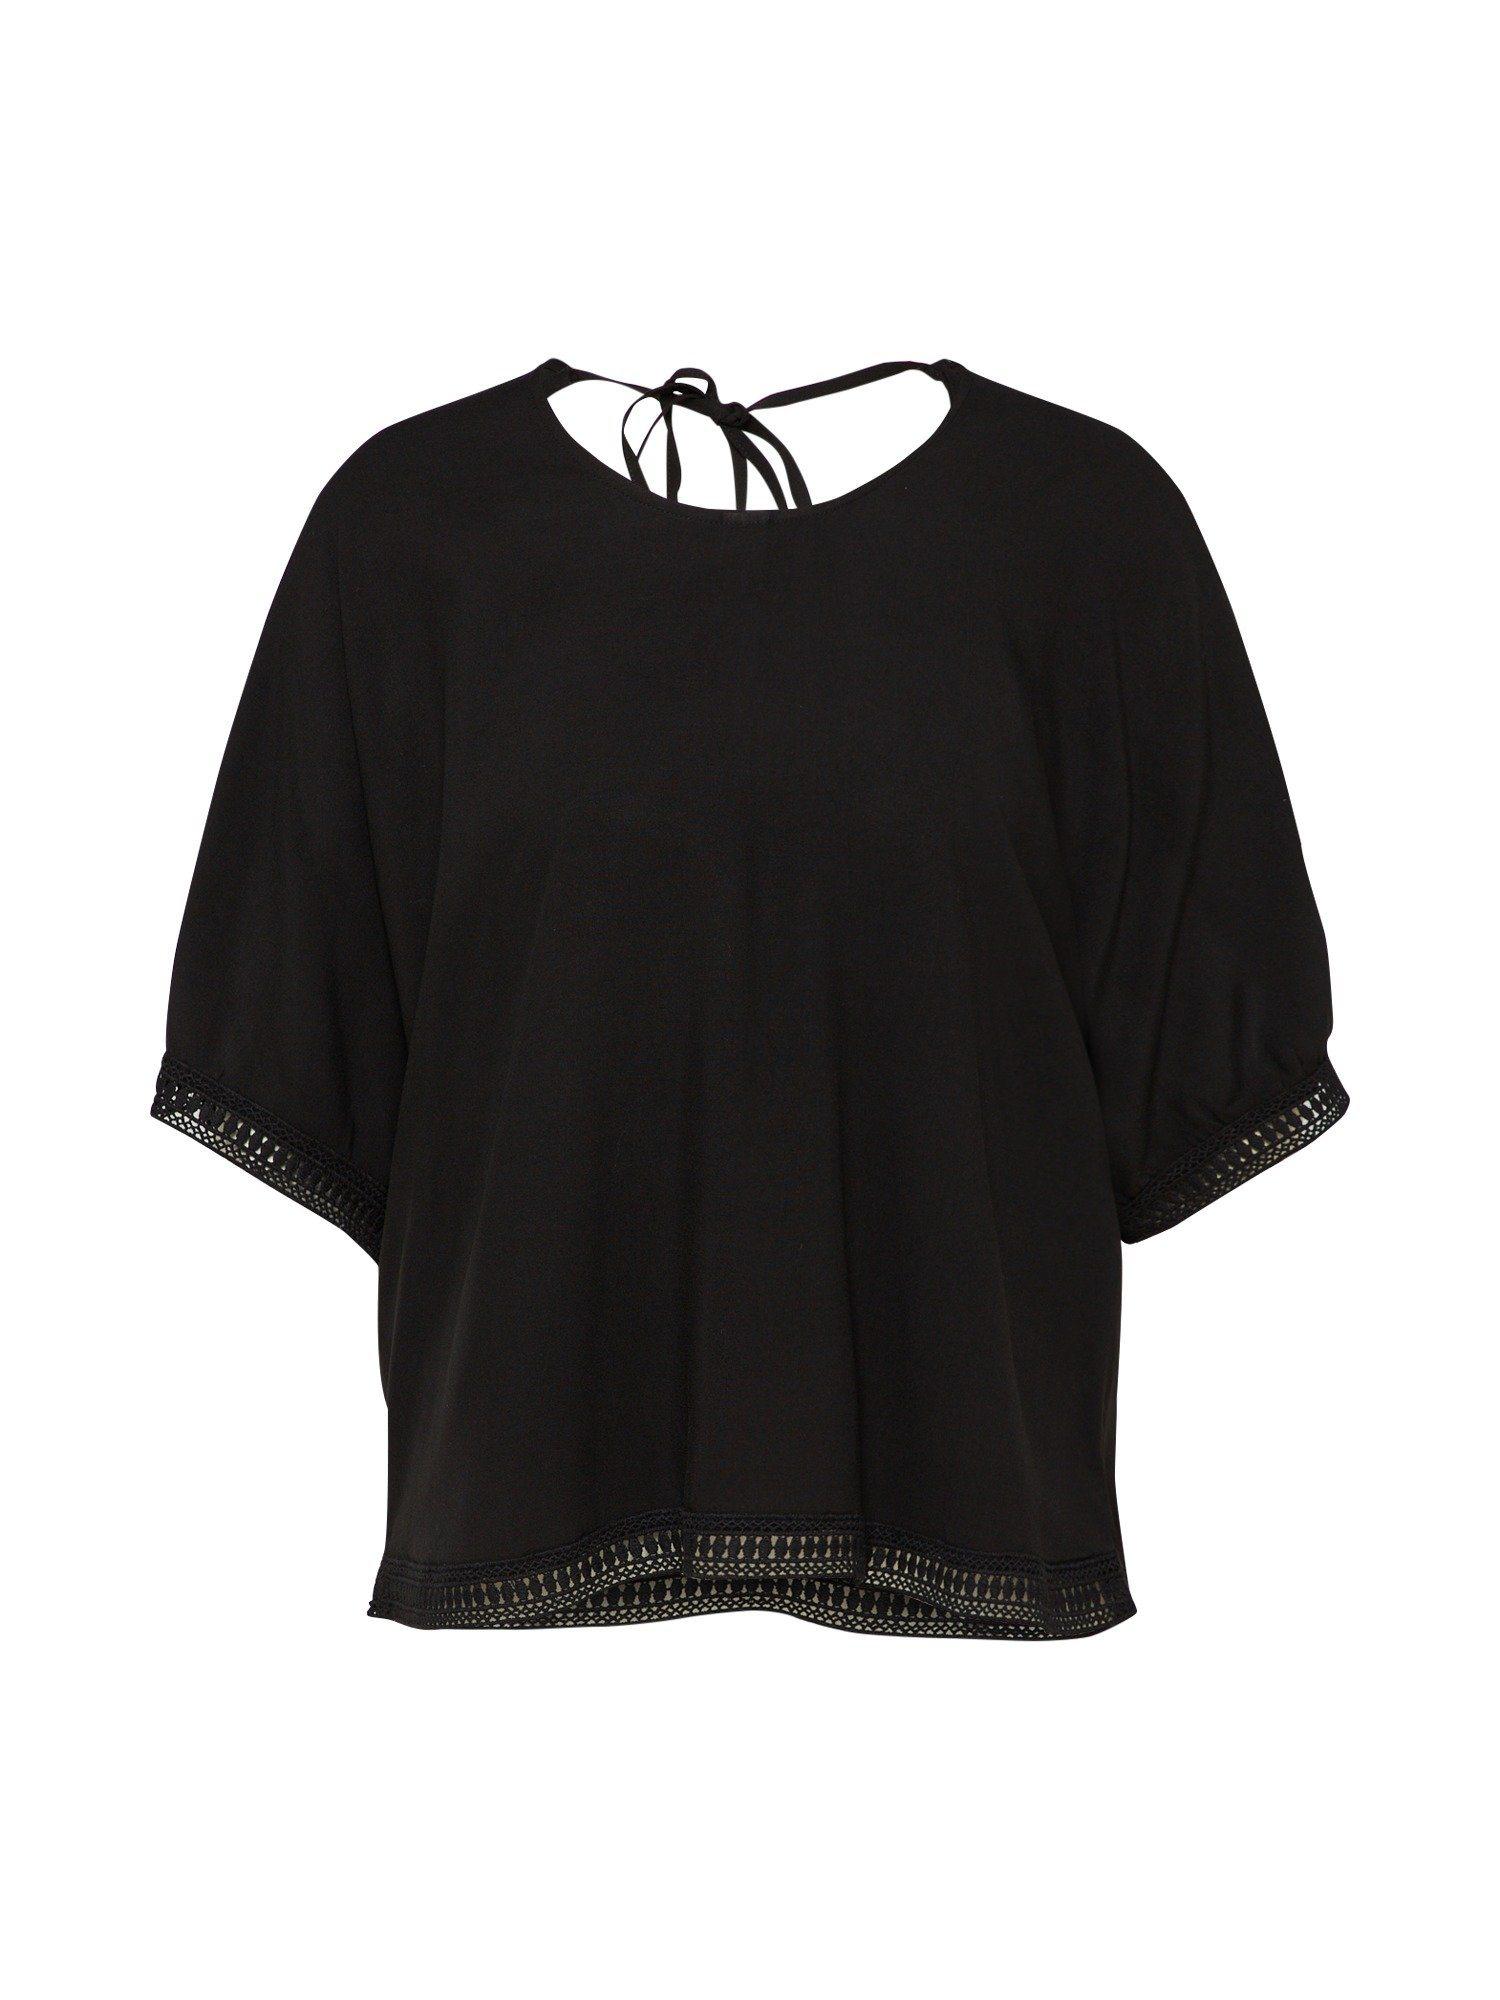 Vero Moda Tunika Spitze | Bekleidung > Tuniken > Sonstige Tuniken | Vero Moda